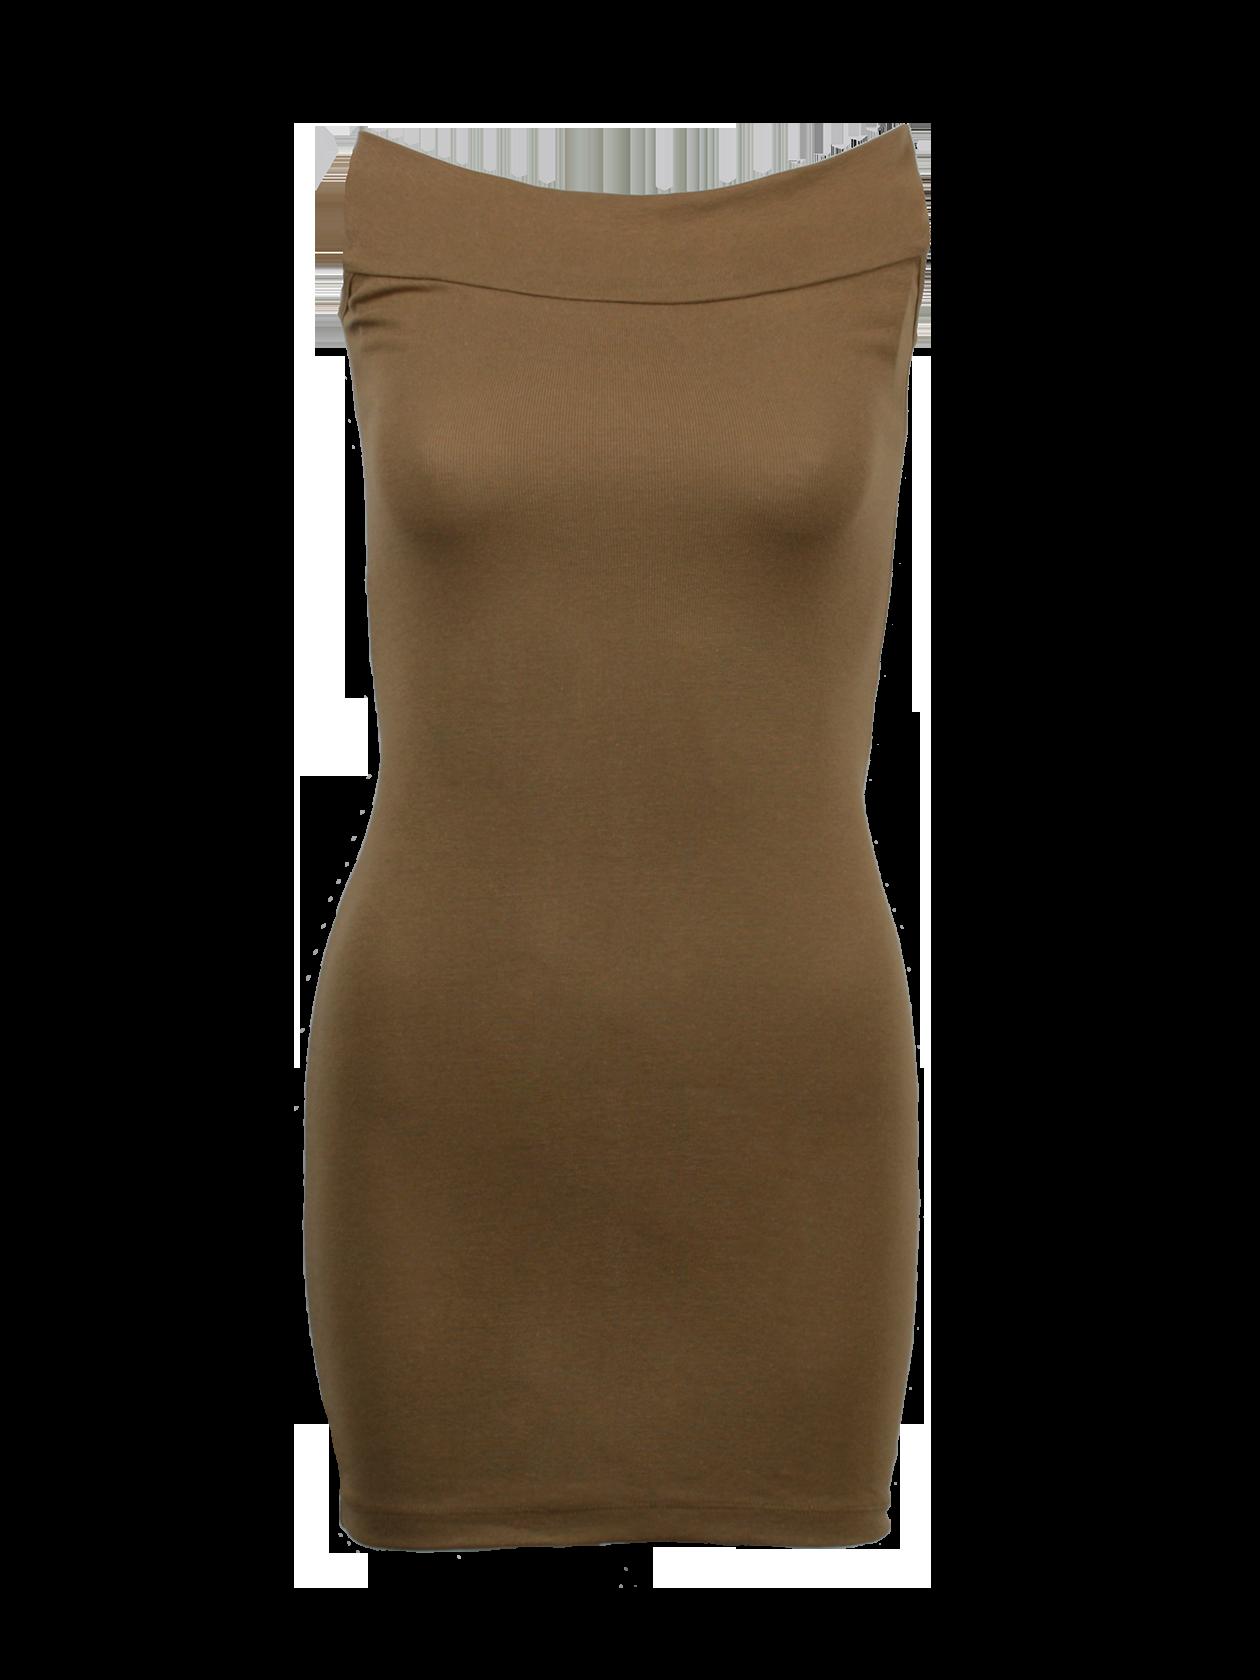 Платье женское MON AMOURПлатье женское Mon Amour из коллекции Black Star – отличный способ подчеркнуть свою привлекательность. Стильная модель облегающего кроя длиной до середины бедра. Горловина выполняет функцию декоративного элемента, она оформлена в виде широкой вставки, открывающей плечи. Материал пошива – высококачественное хлопковое полотно, обладающее высокой практичностью и износостойкостью. Выберите для себя лучшую расцветку – черную, хаки или розовую, и создайте свой неповторимый образ.<br><br>Размер: XS<br>Цвет: Хаки<br>Пол: Женский